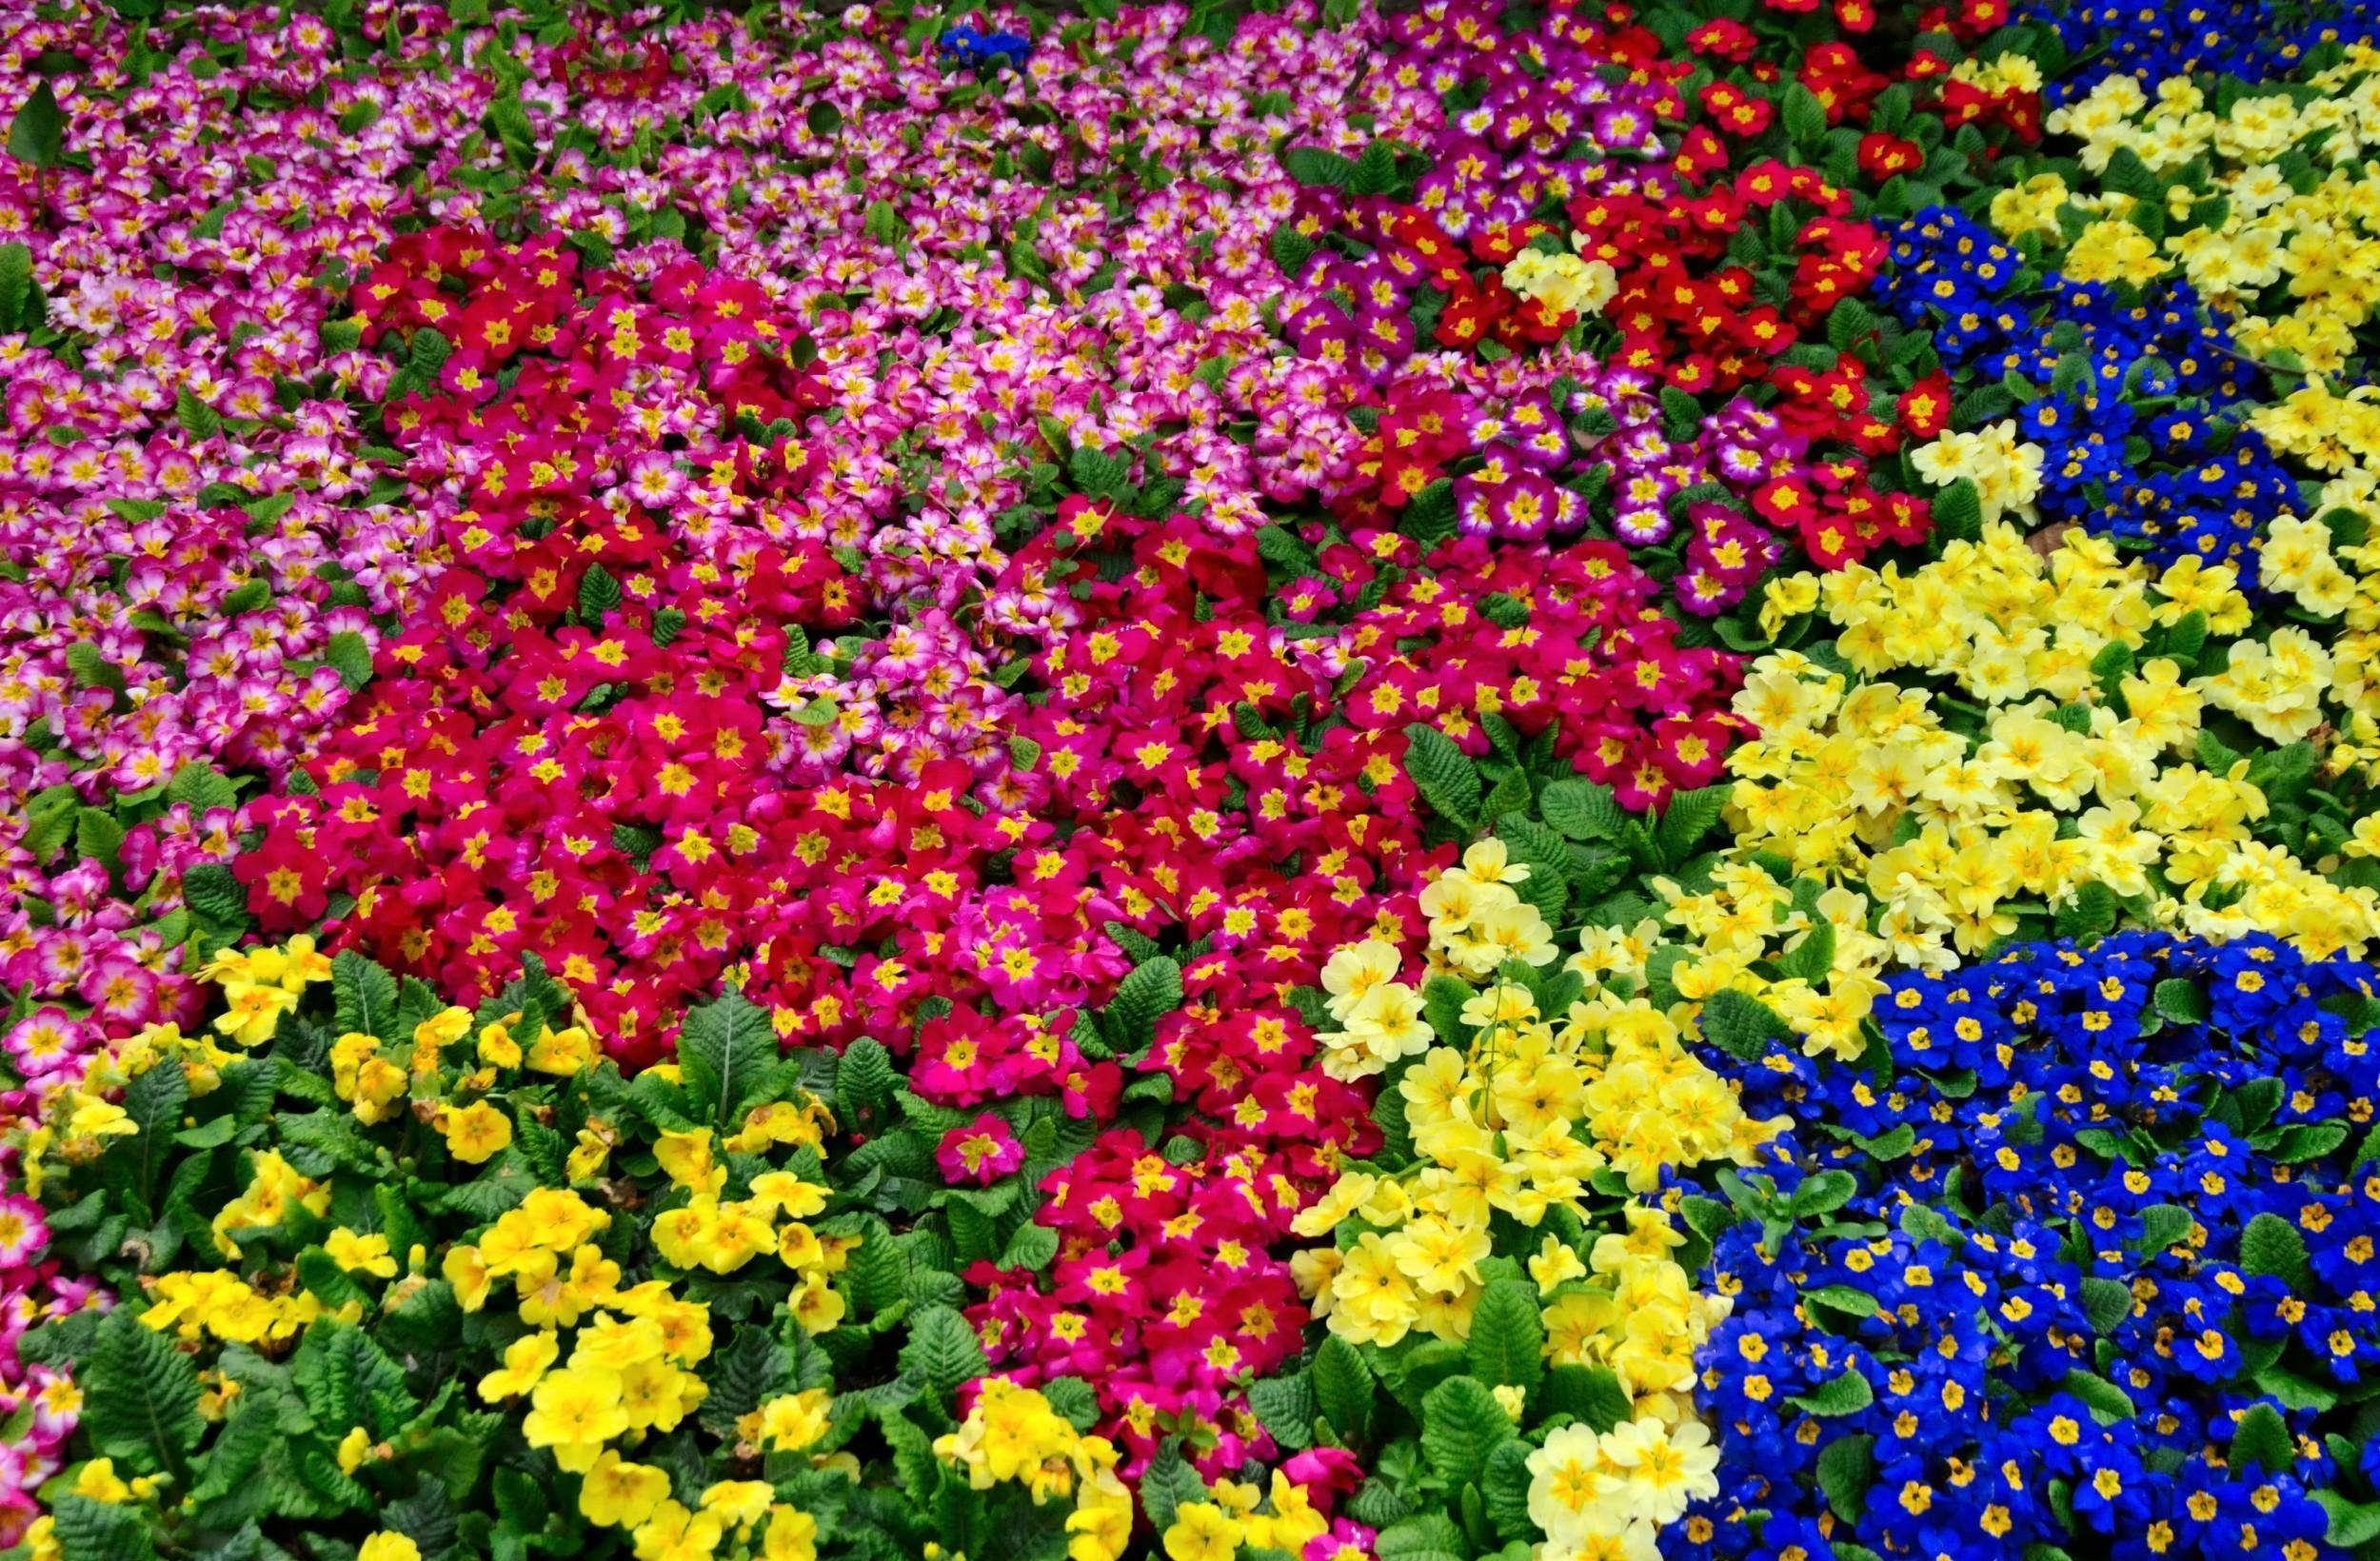 134390 скачать обои Цветы, Яркие, Много, Примула, Красочные - заставки и картинки бесплатно